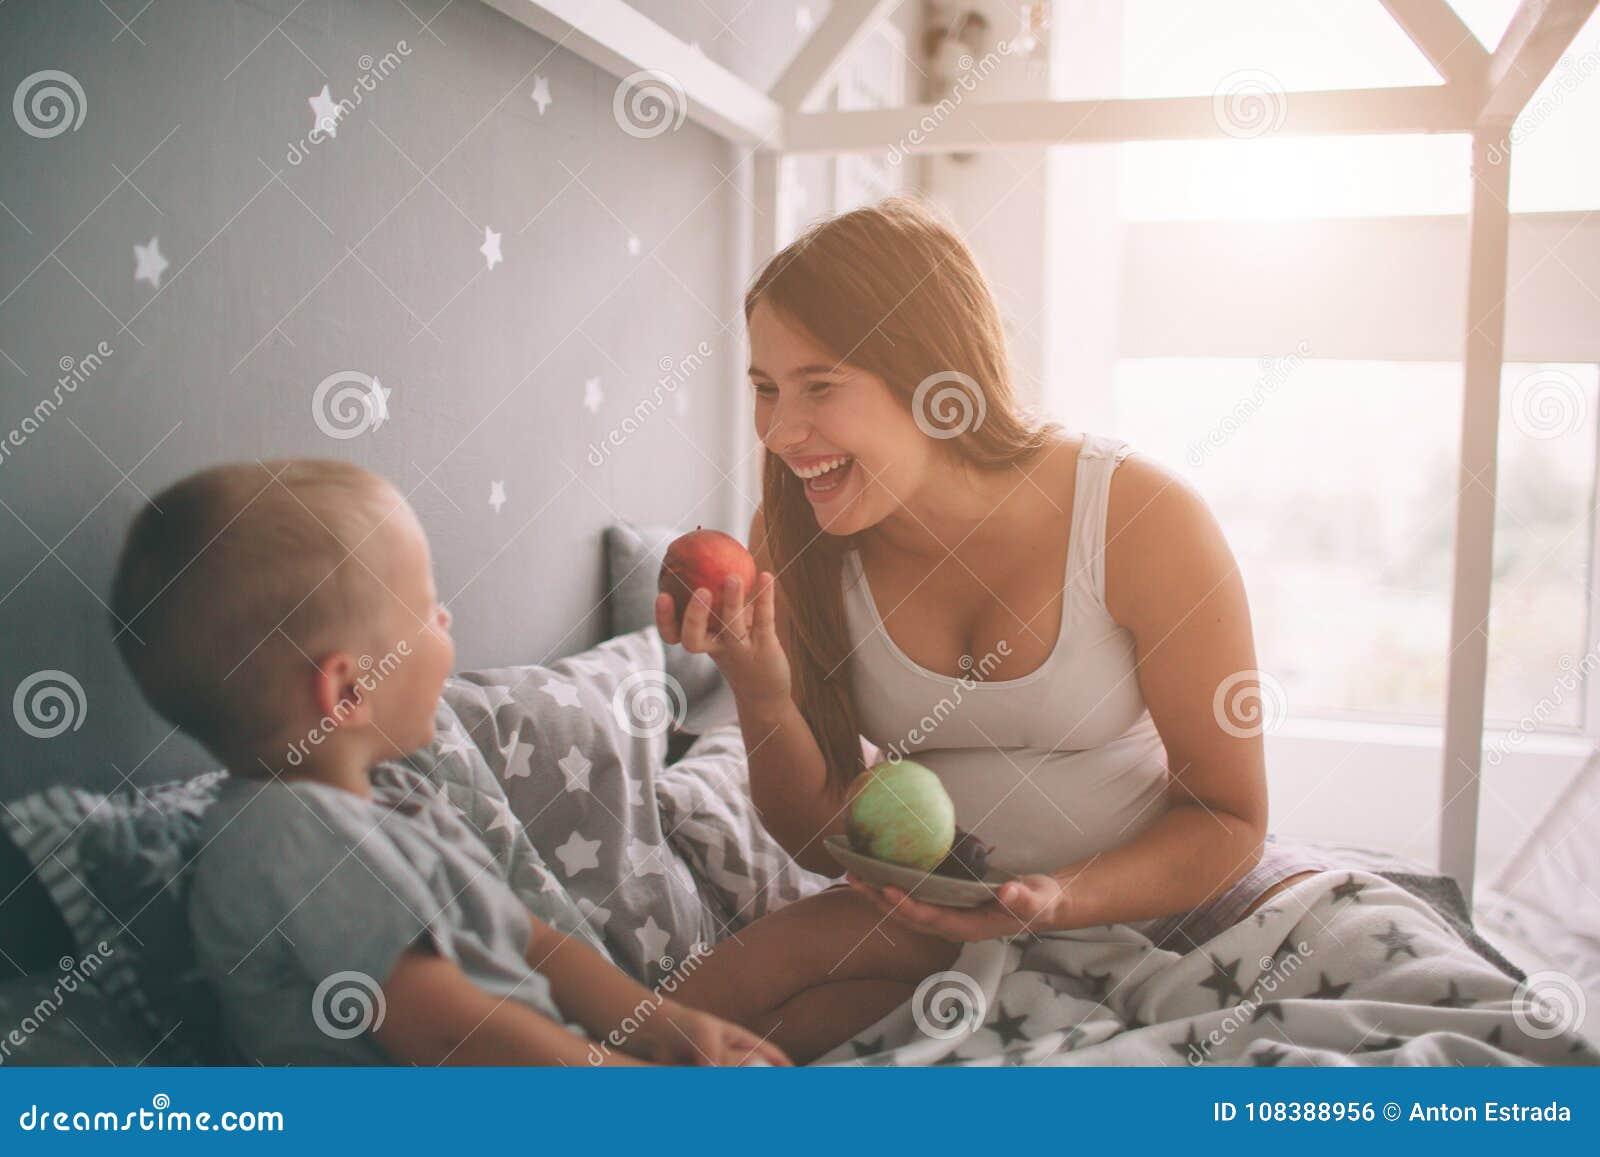 Беременный сын матери и мальчика ест яблоко и персик в доме кровати t в утре Вскользь образ жизни внутри